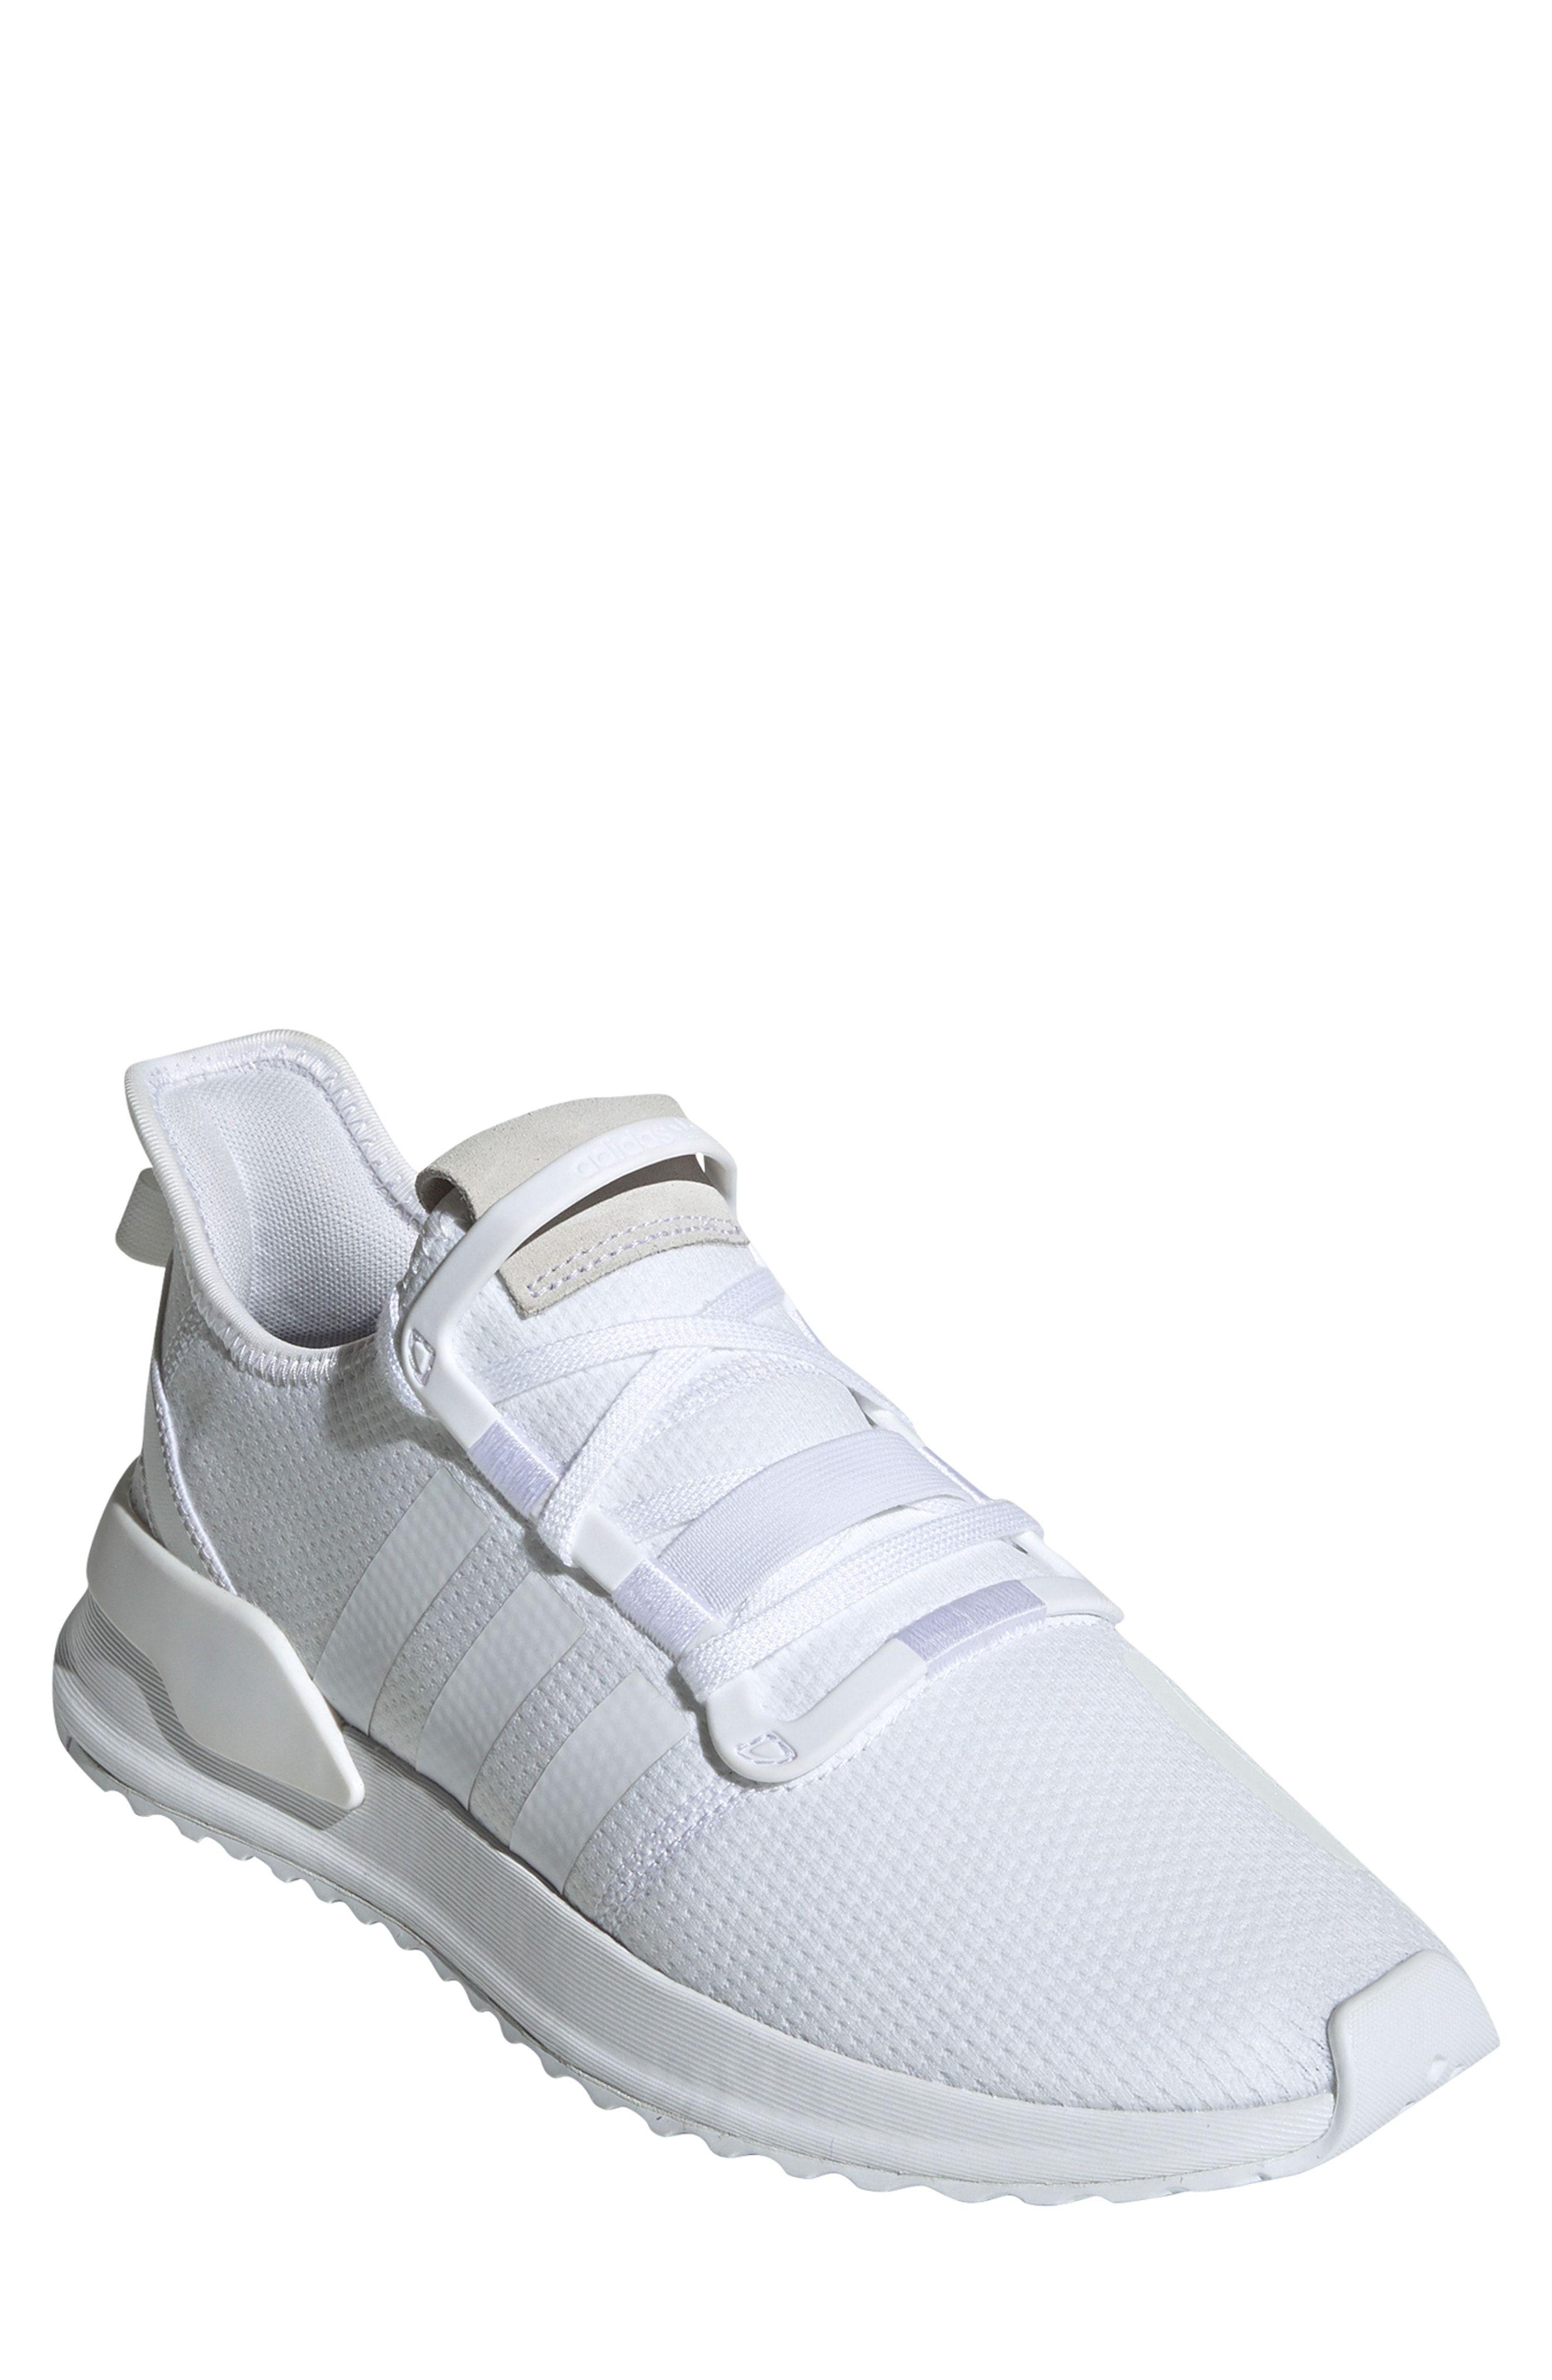 huge discount 26f55 cd7d6 ADIDAS ORIGINALS U PATH RUNNING SNEAKER.  adidasoriginals  shoes